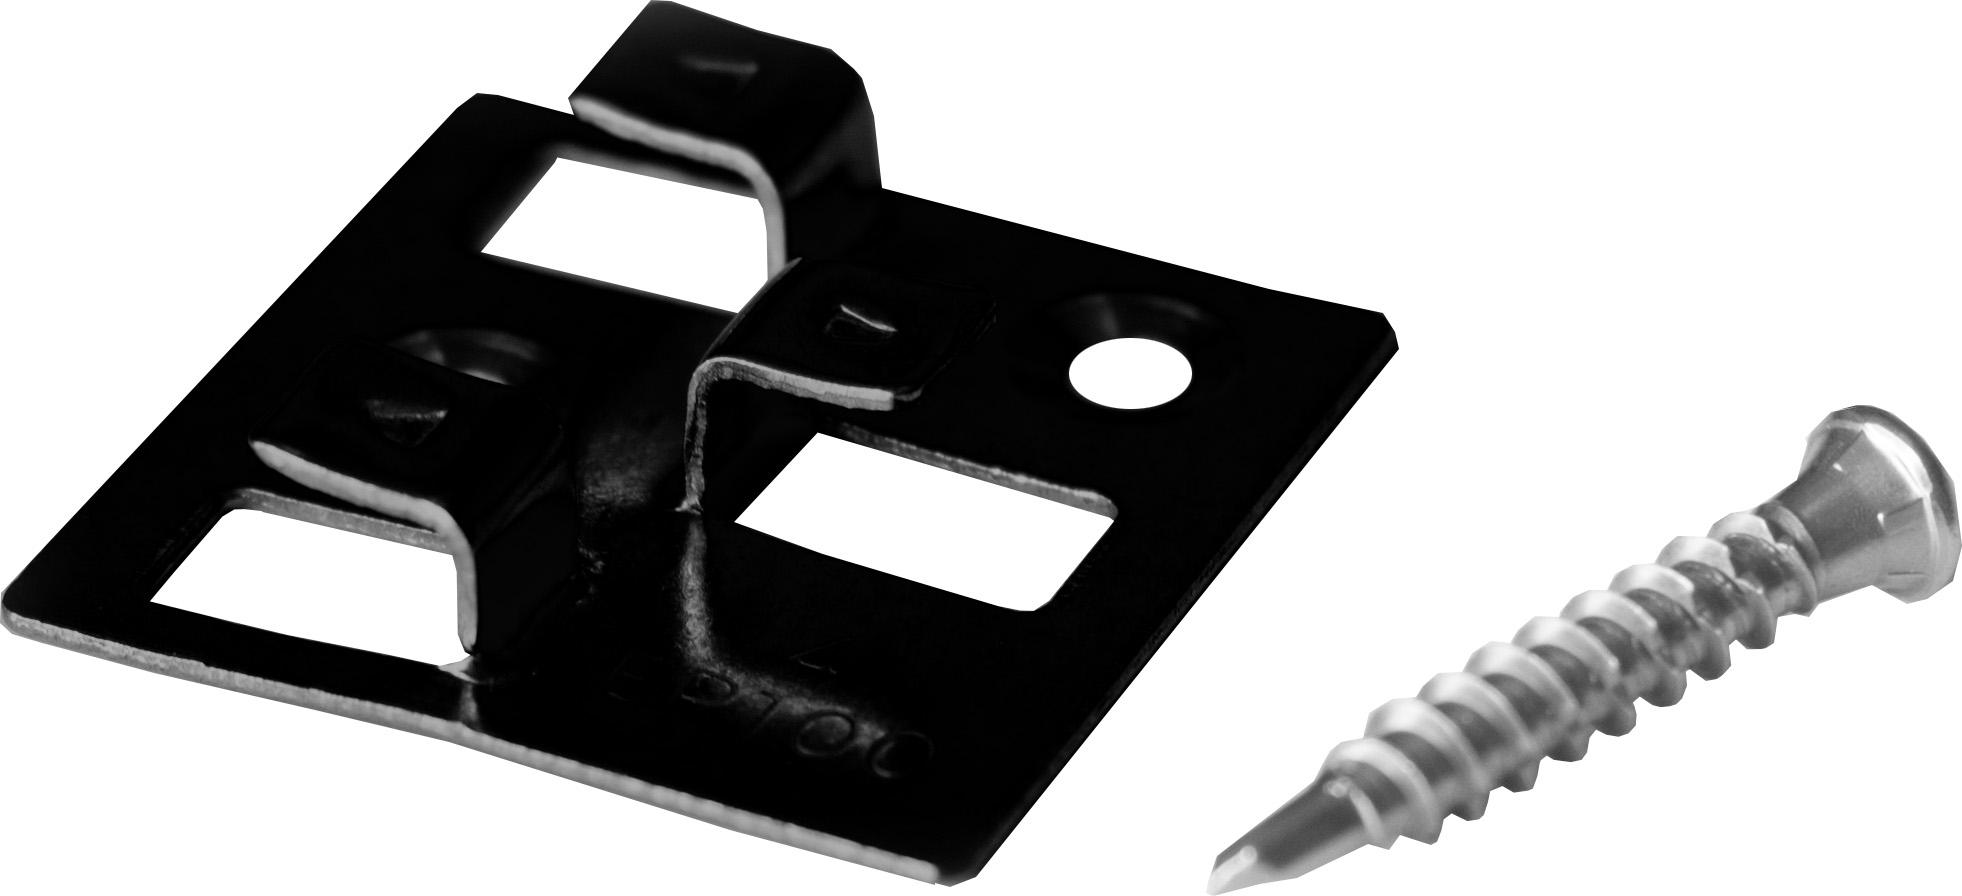 100 WPC Montage Clips mit 4 mm Fugenbreite aus Edelstahl von MEFO, schwarz, inkl. selbstbohrenden Schrauben, empfohlen für ca. 35 lfm bzw. 5 m²